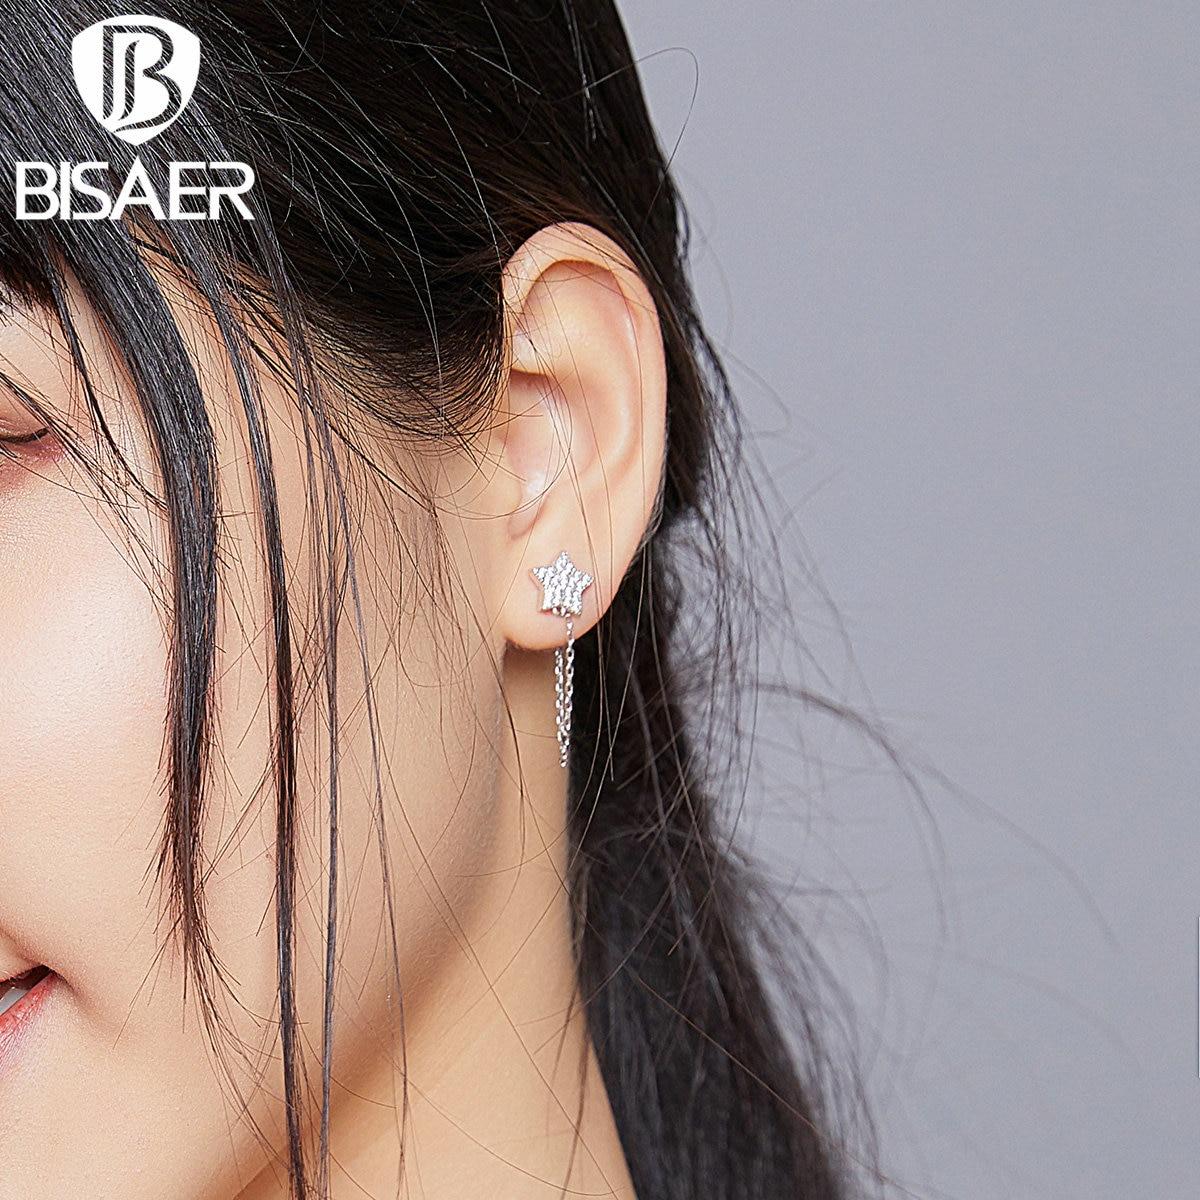 BISAER Chain Link Star Moon Drop Earring 925 Sterling Silver Zircon Long Link Dangle Earrings For Women Fashion Jewelry EFE385